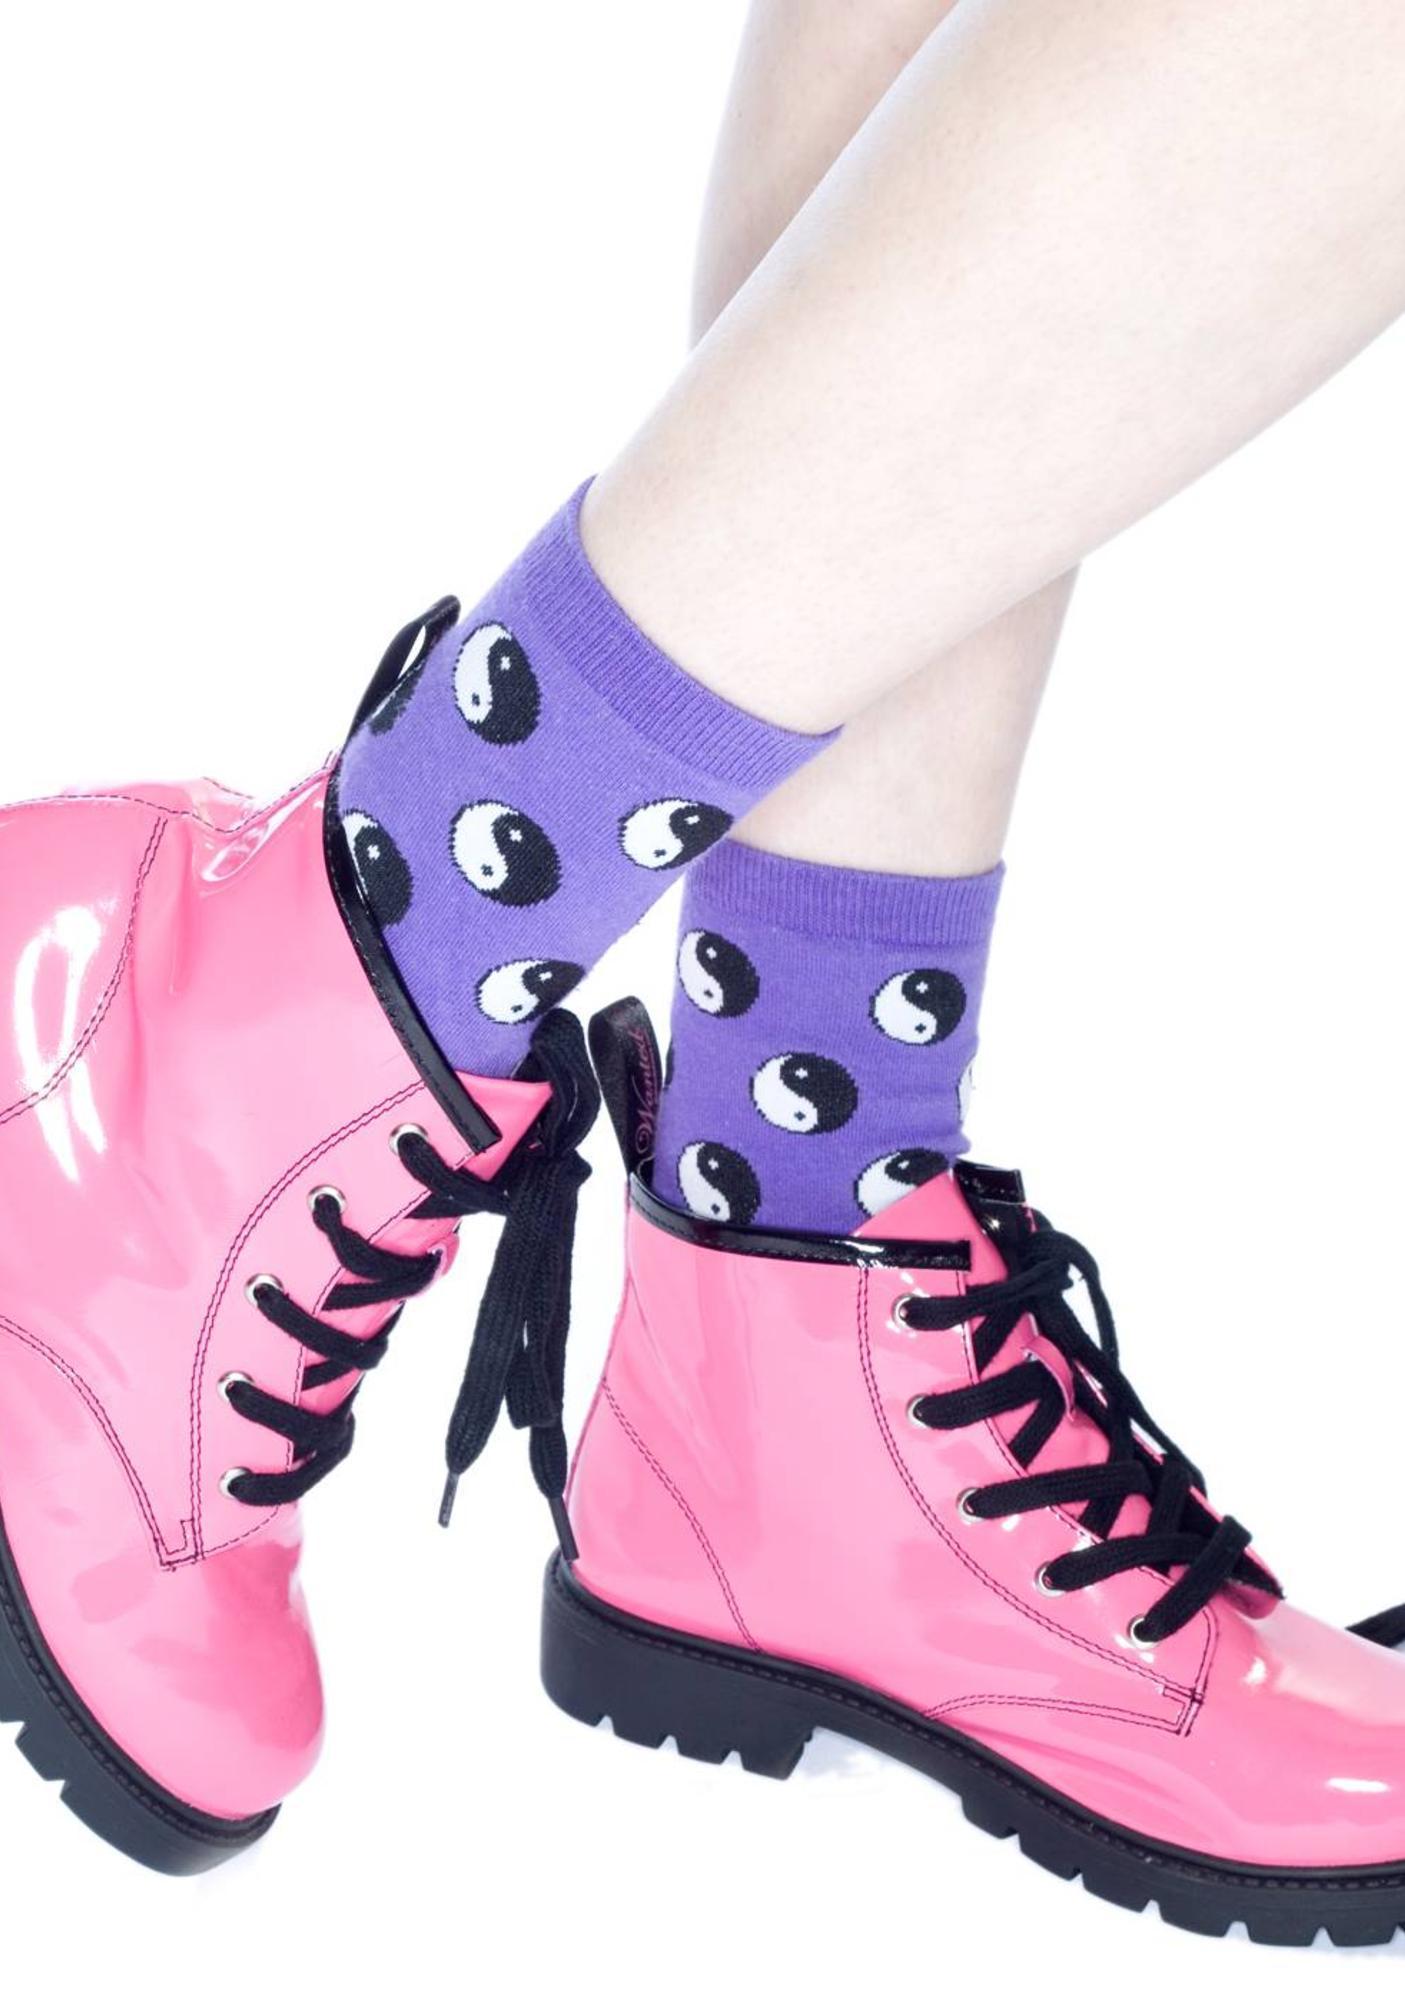 Haki Boots